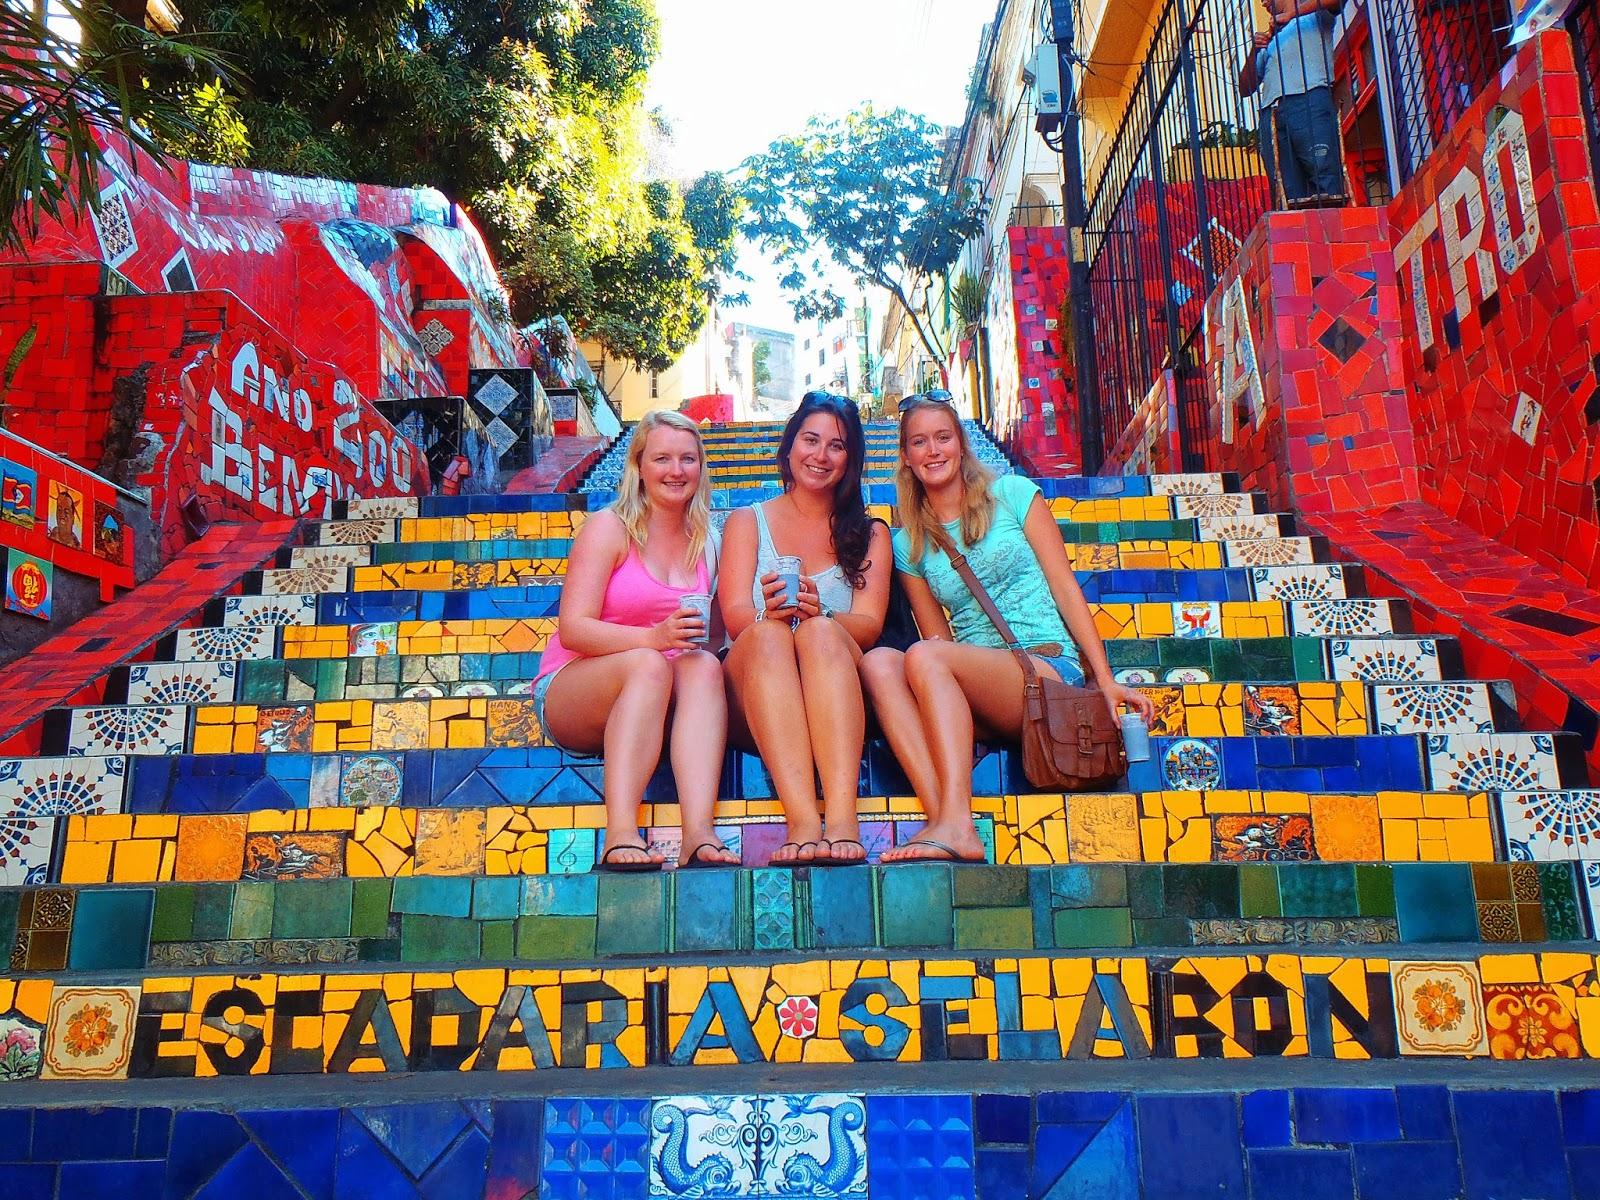 Girls at Escadaria Selaron in Rio de Janeiro